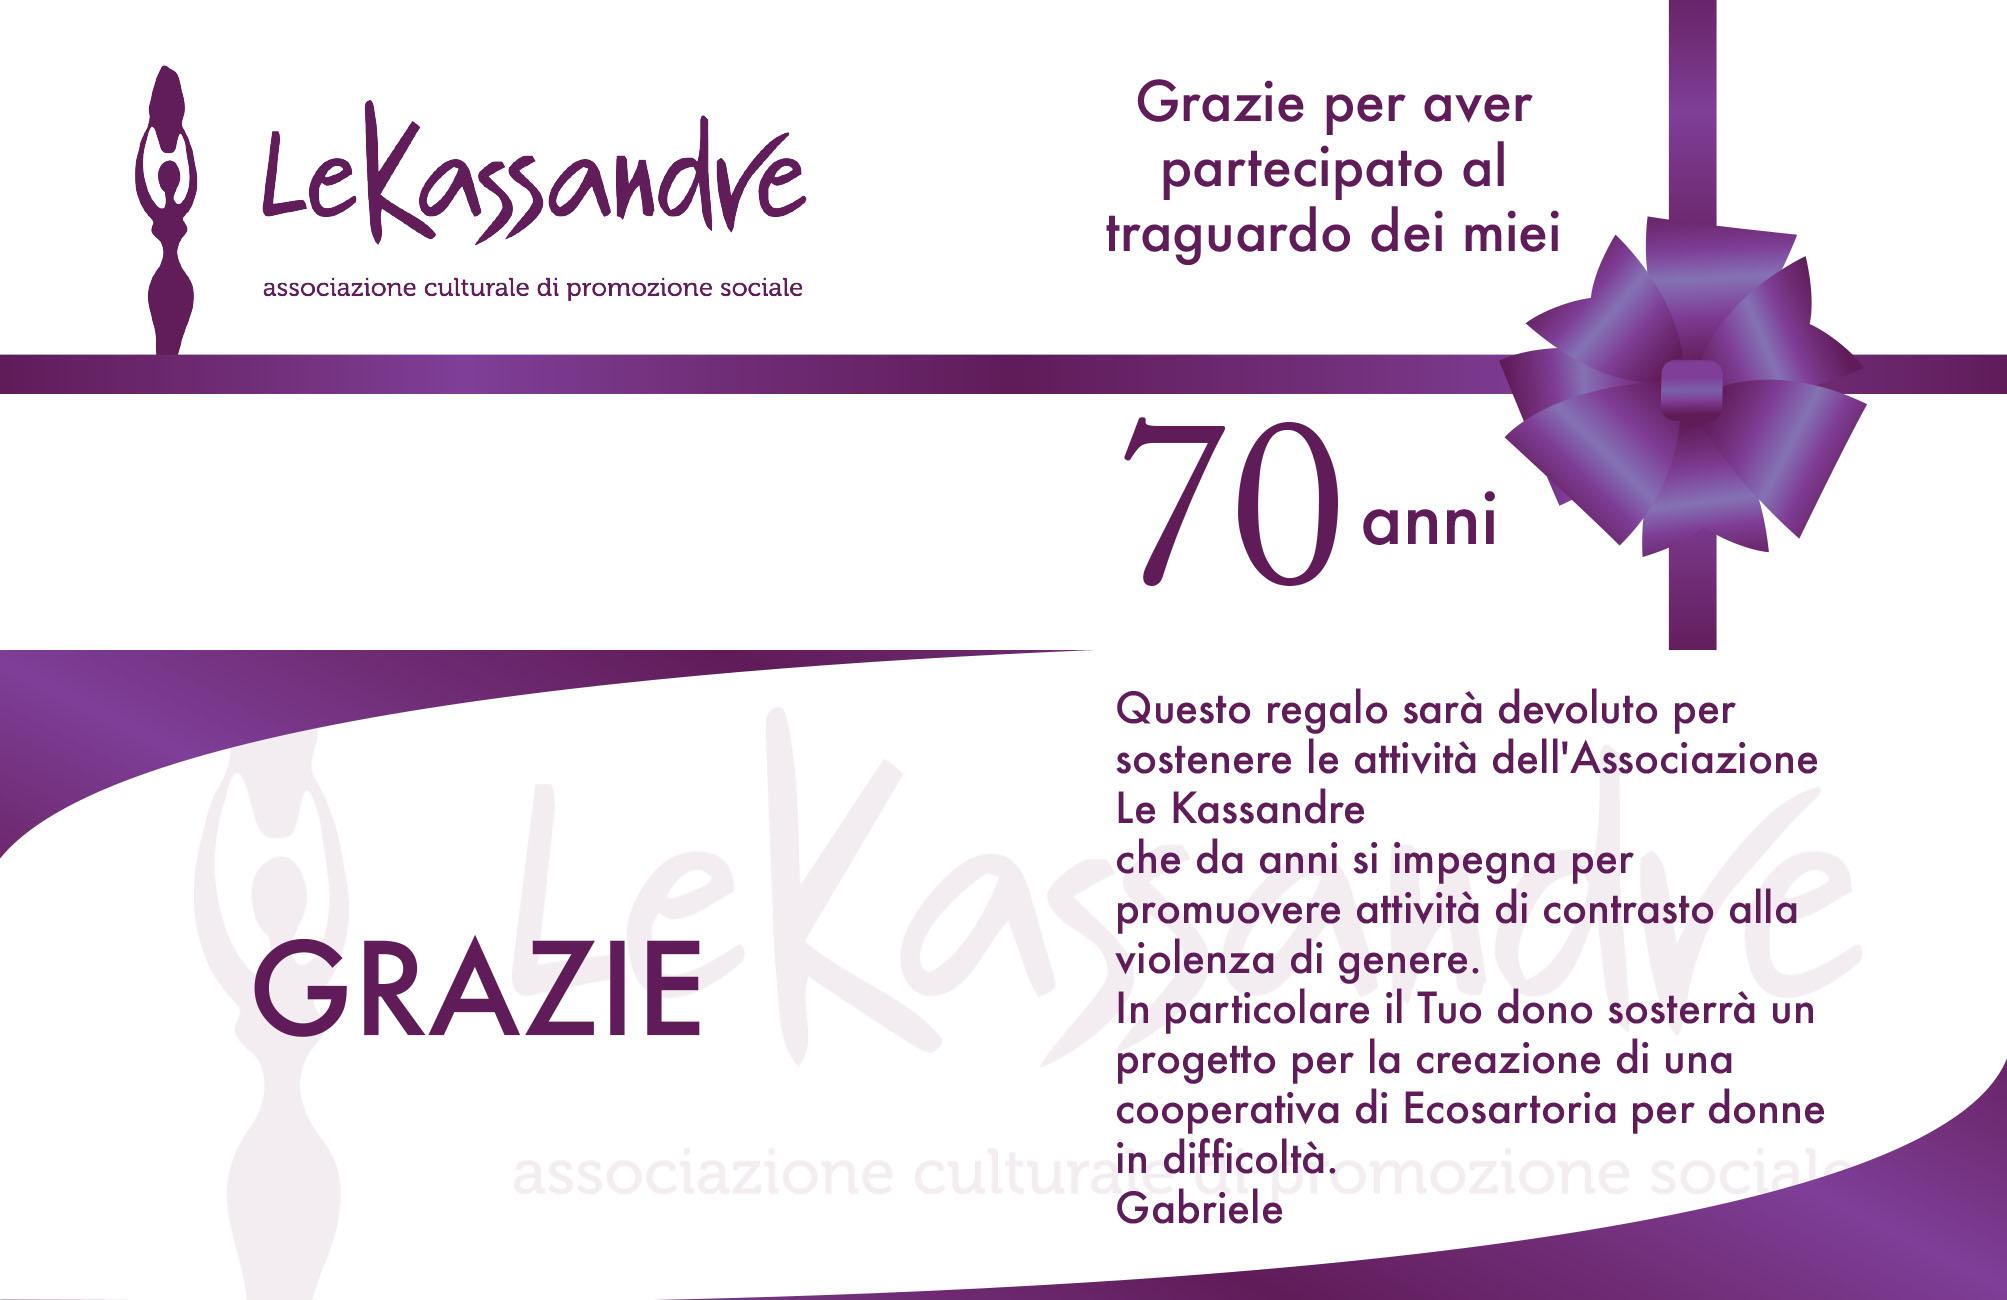 Auguri Buon Compleanno 70.Grazie Gabriele E Auguri Di Buon Compleanno Le Kassandre